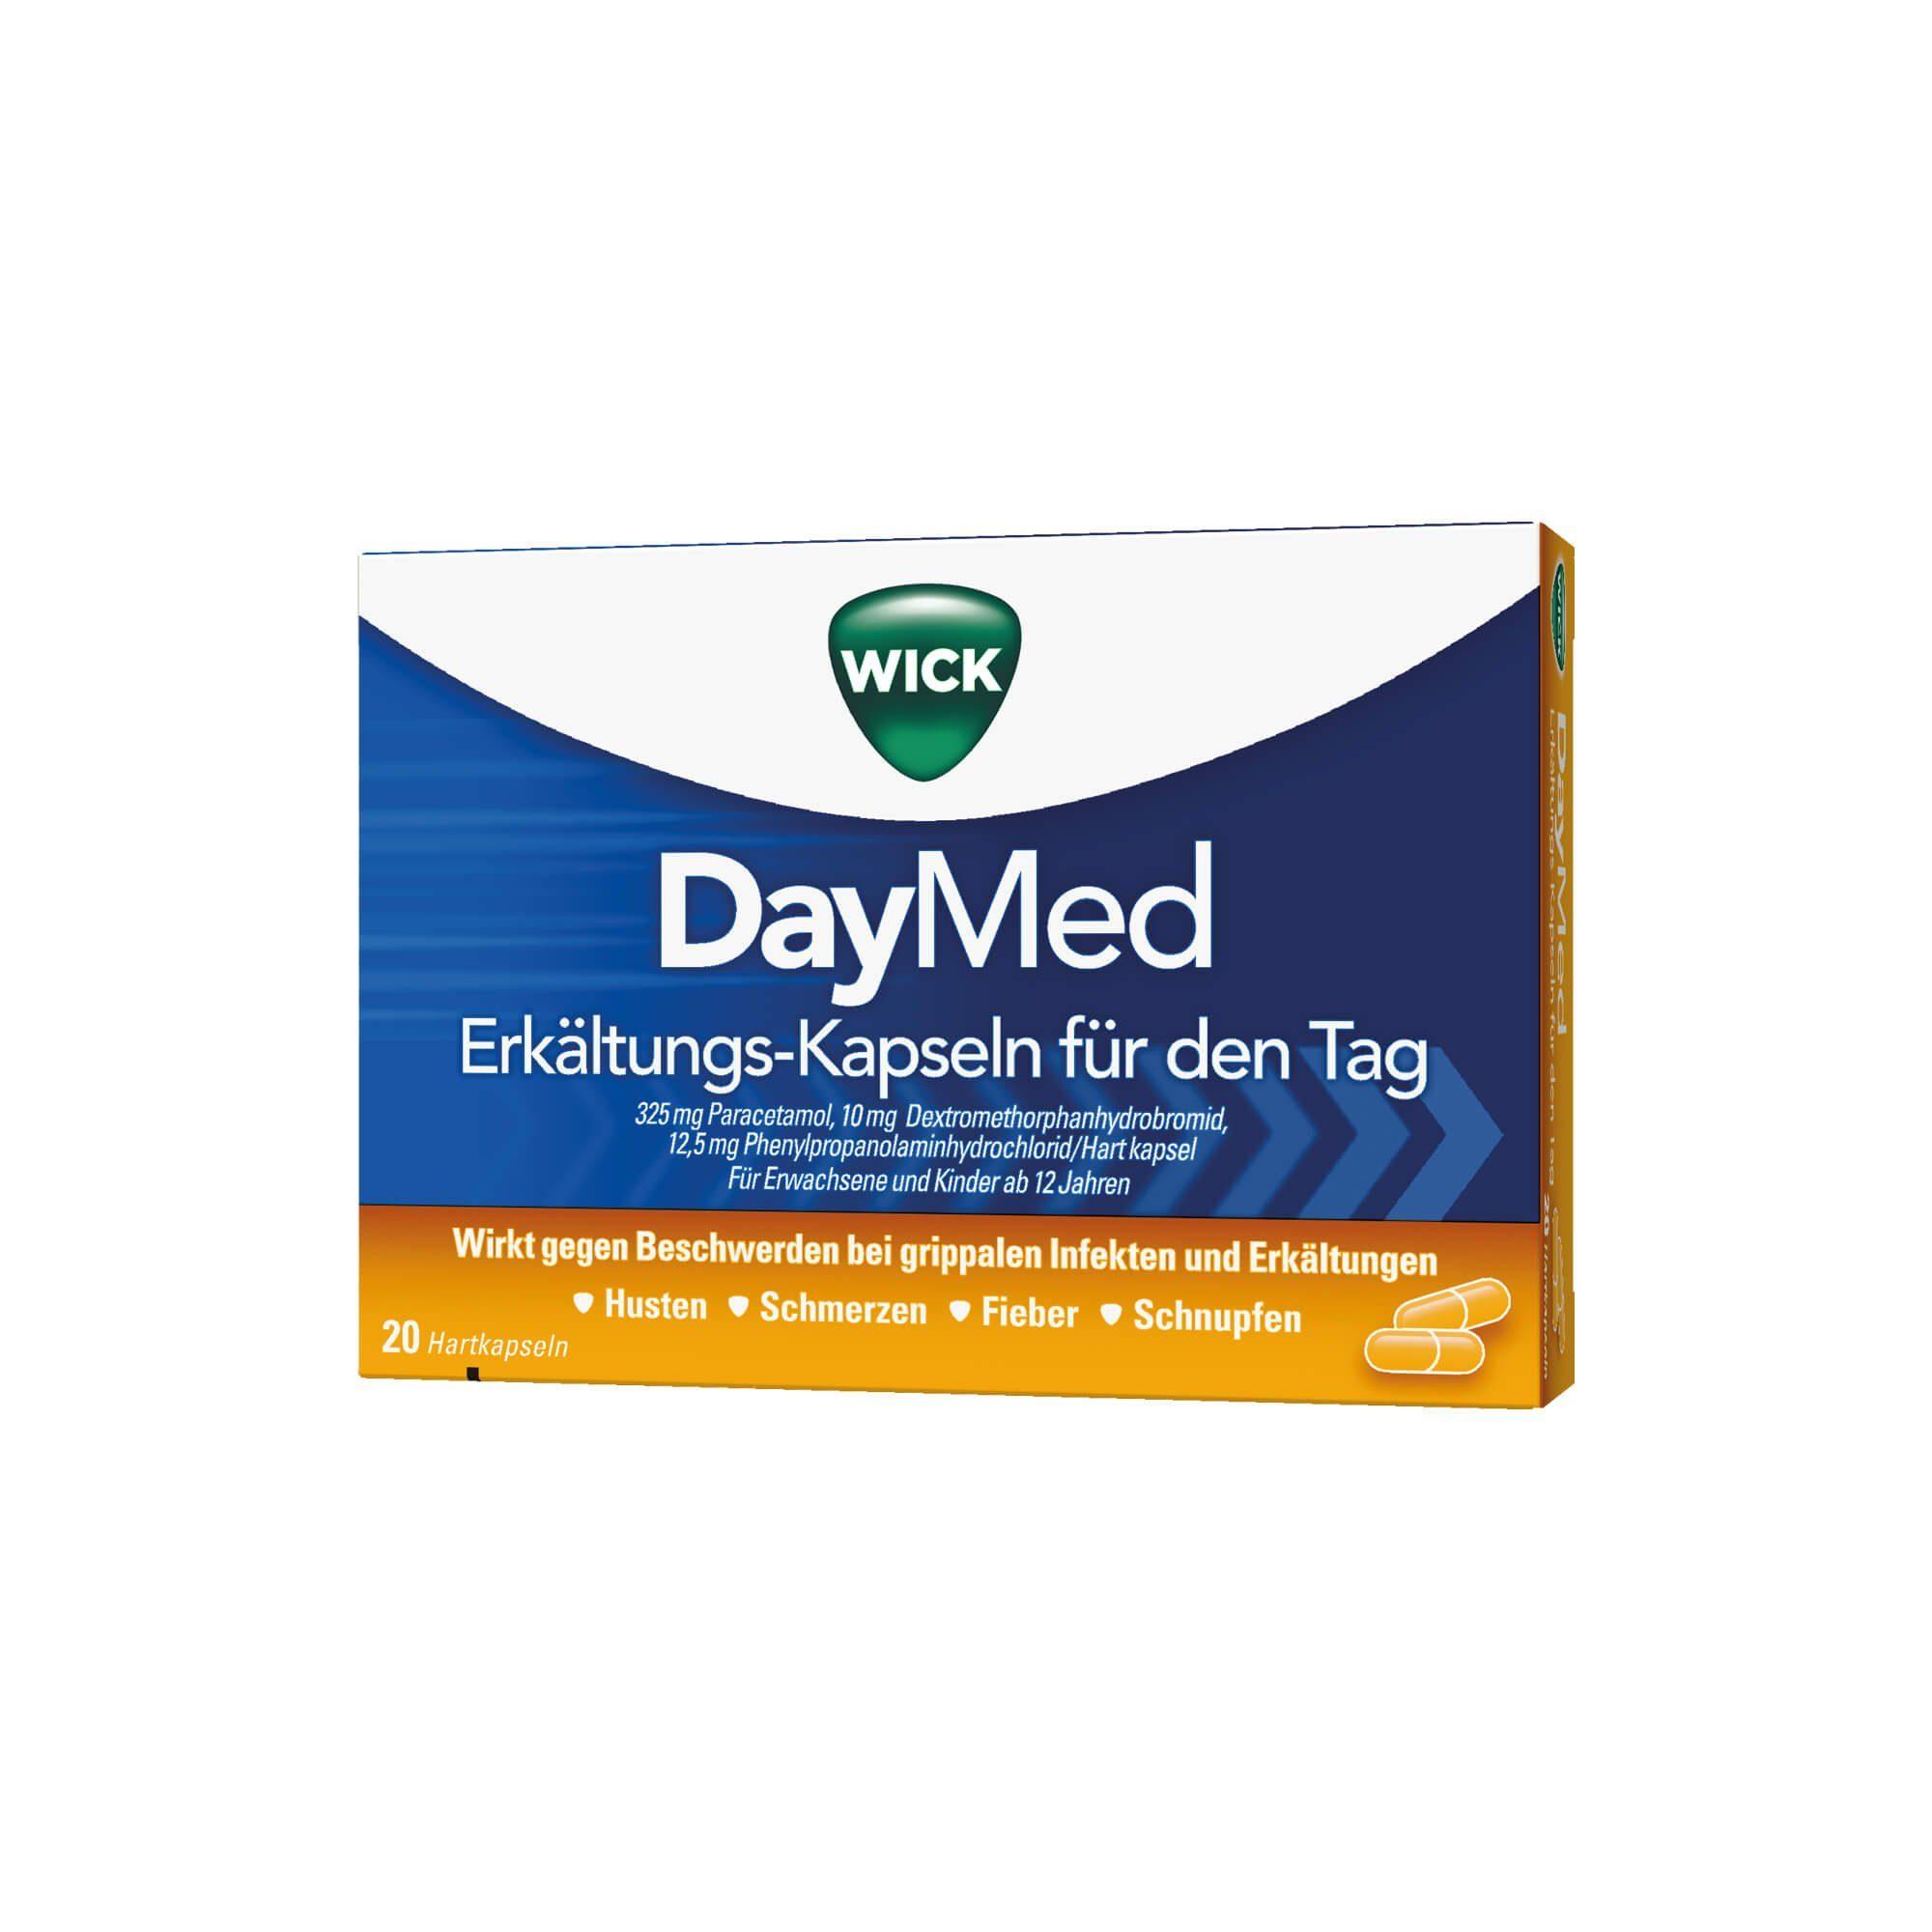 WICK Wick DayMed Erkältungs-Kapseln (, 20 St)